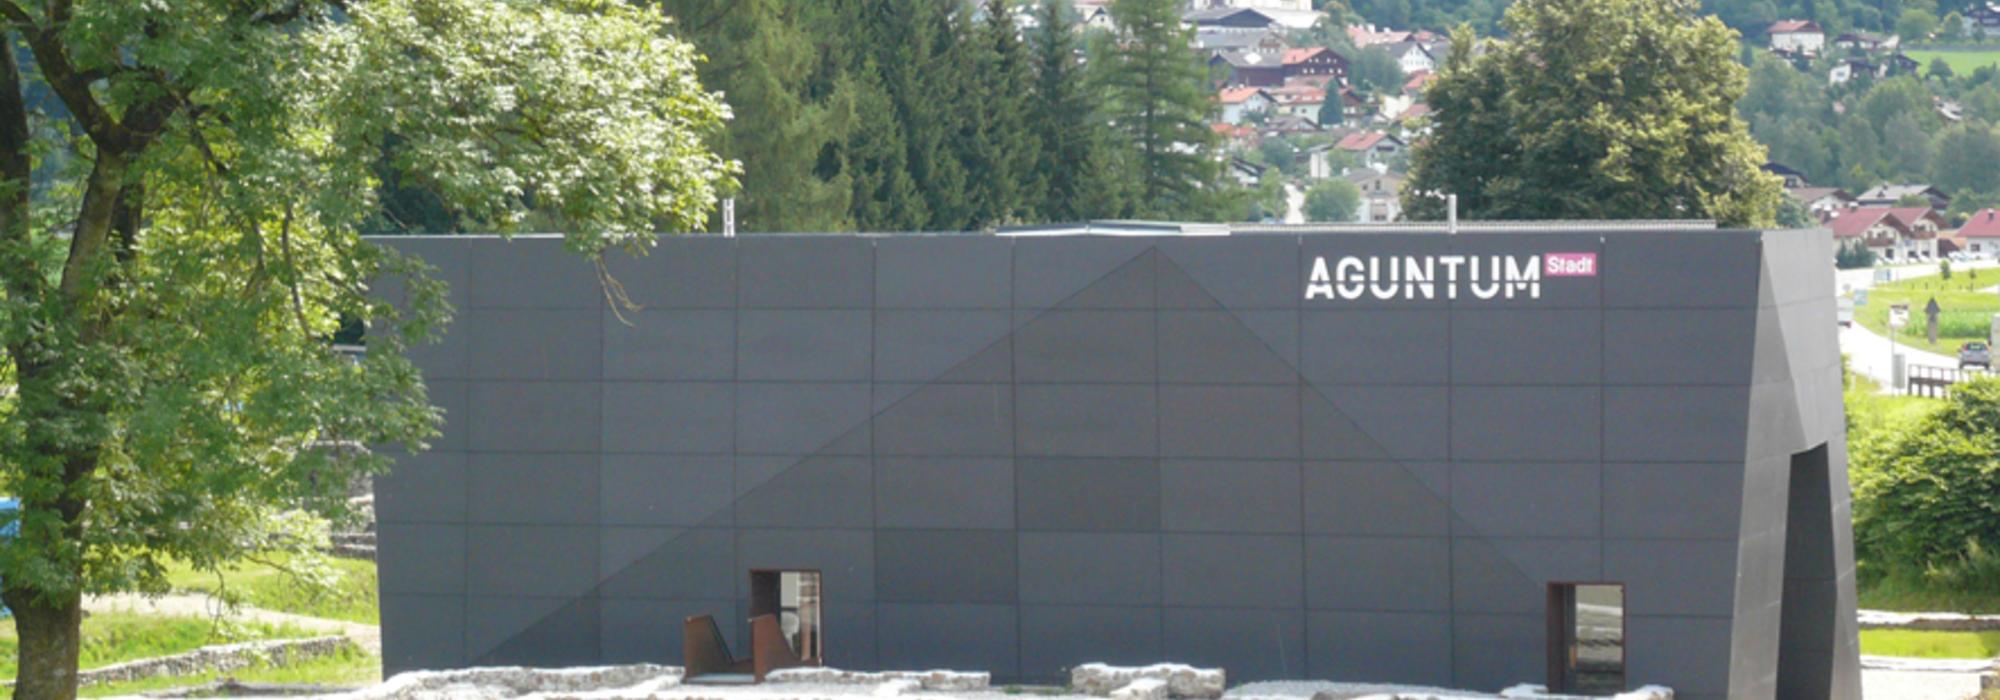 Aguntum | © TVB Osttirol / Aguntum - Verein Curatorium pro Agunto